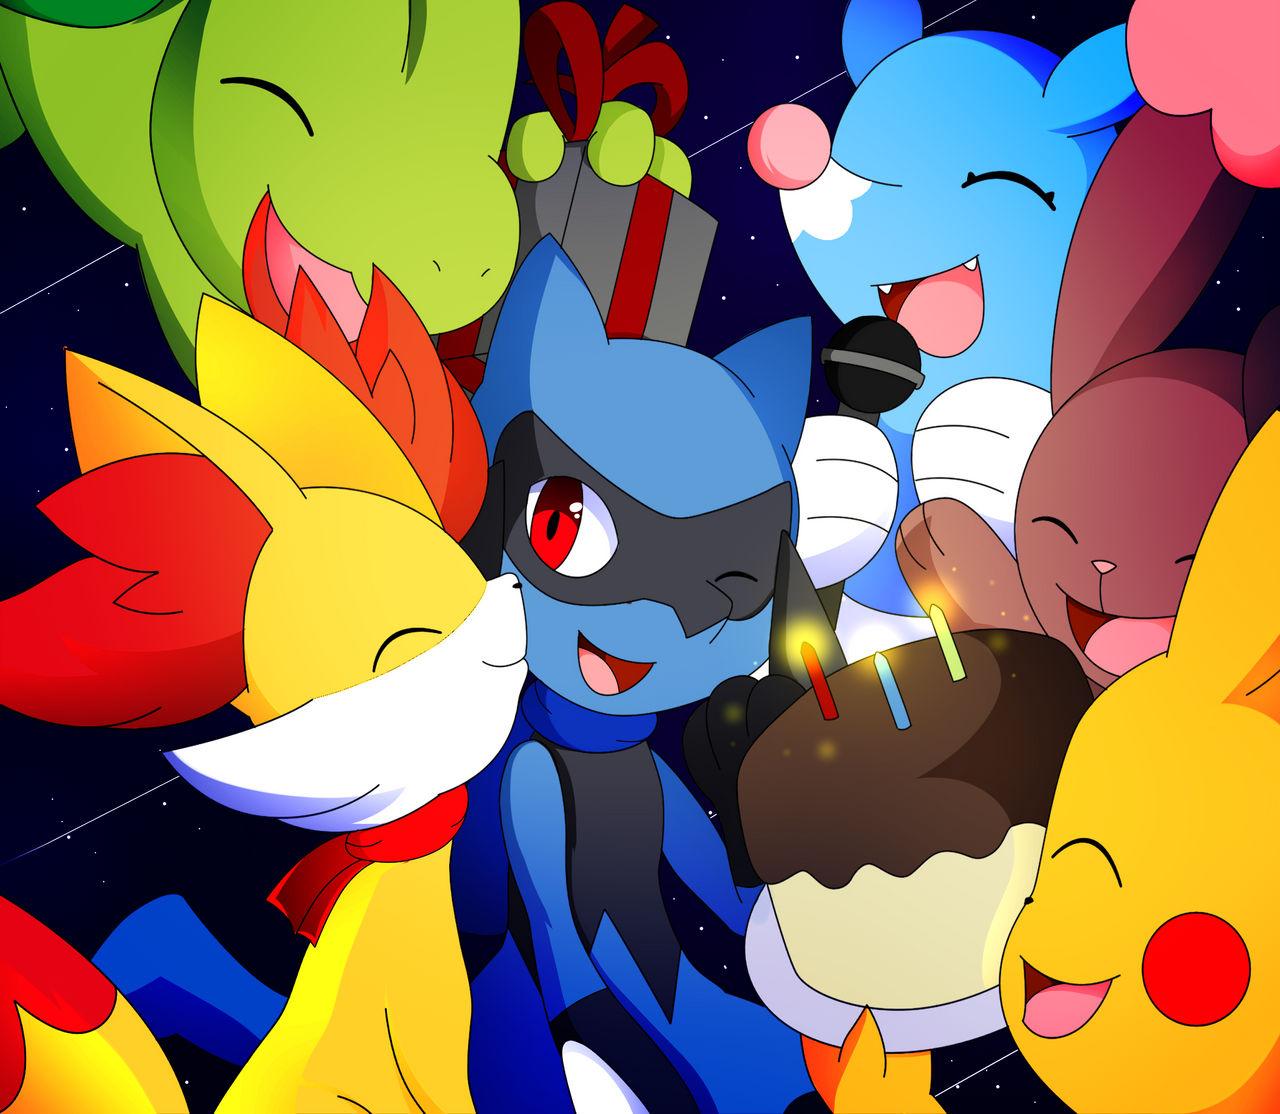 Happy Birthday Riolu by DarkrexS on DeviantArt